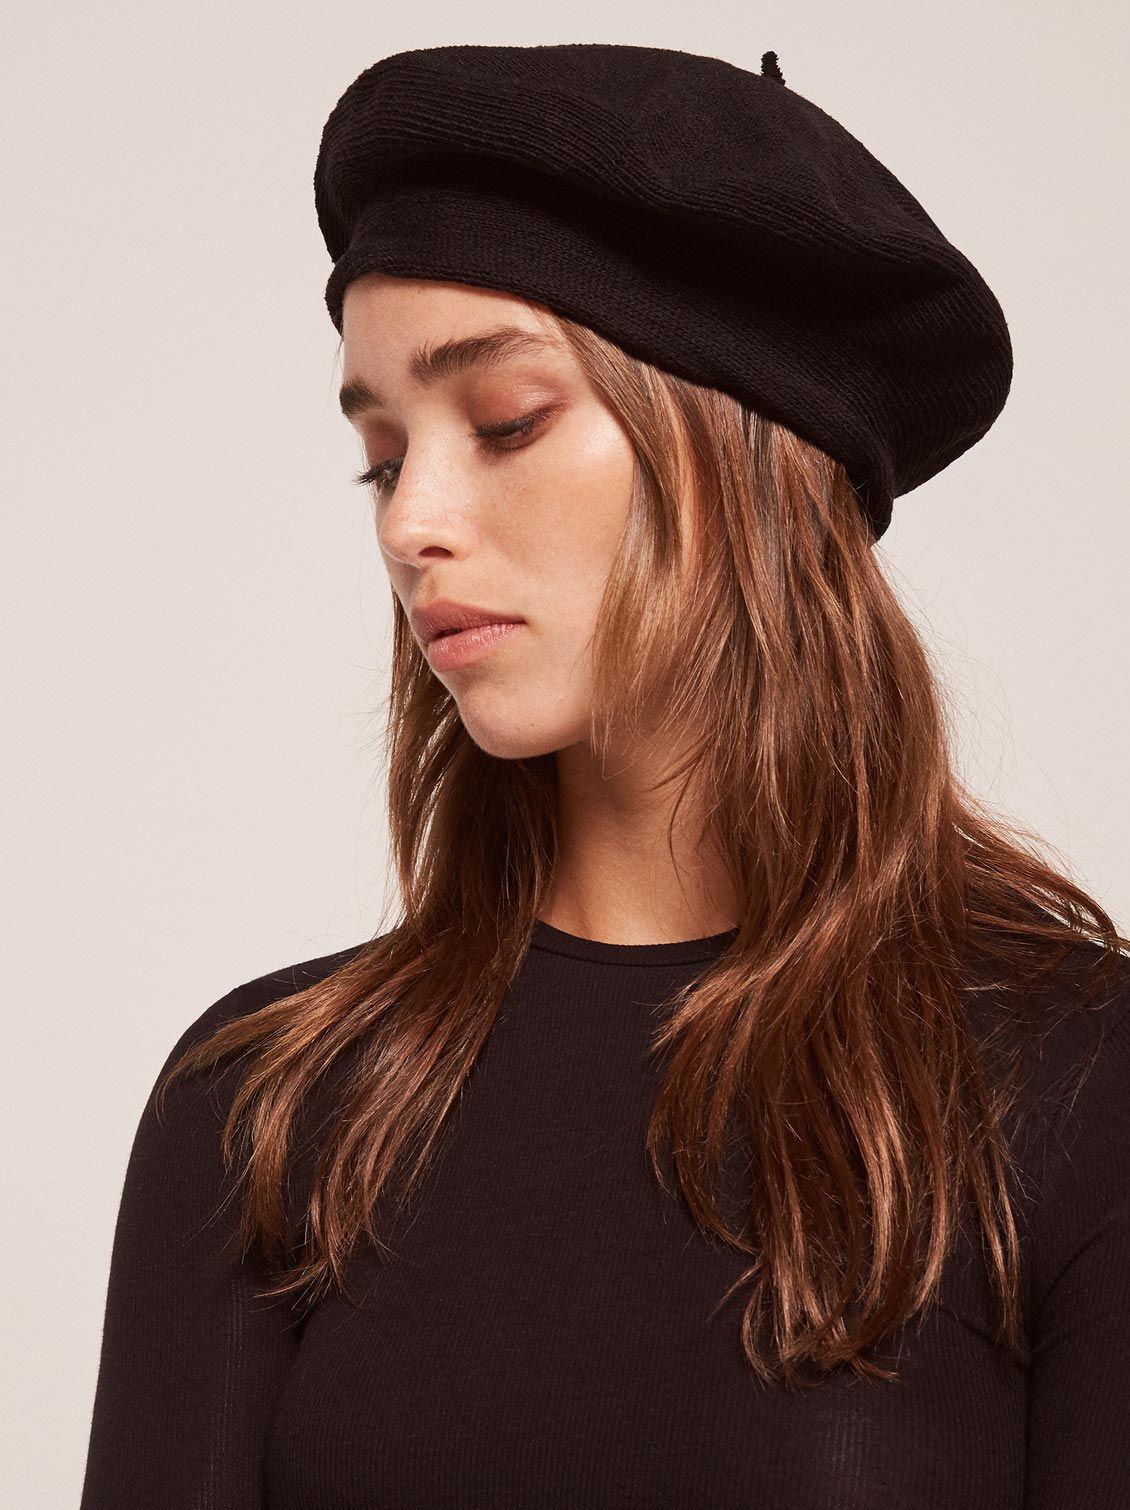 715c5cdeb1e68 Le beret francais ecojean beret black 1 clp